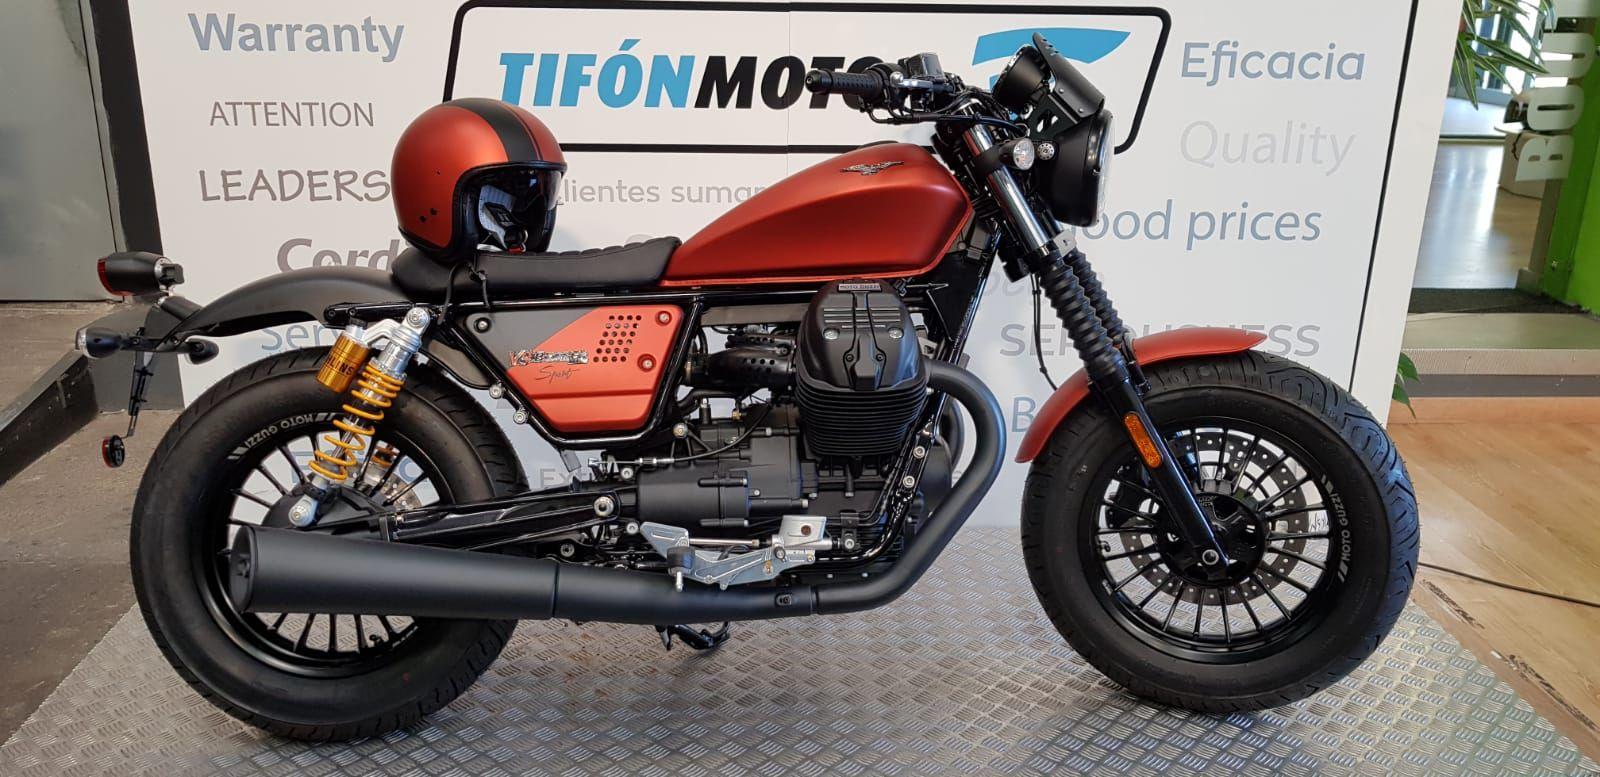 Llega a nuestras instalaciones la nueva Moto Guzzi V9 Bobber Sport